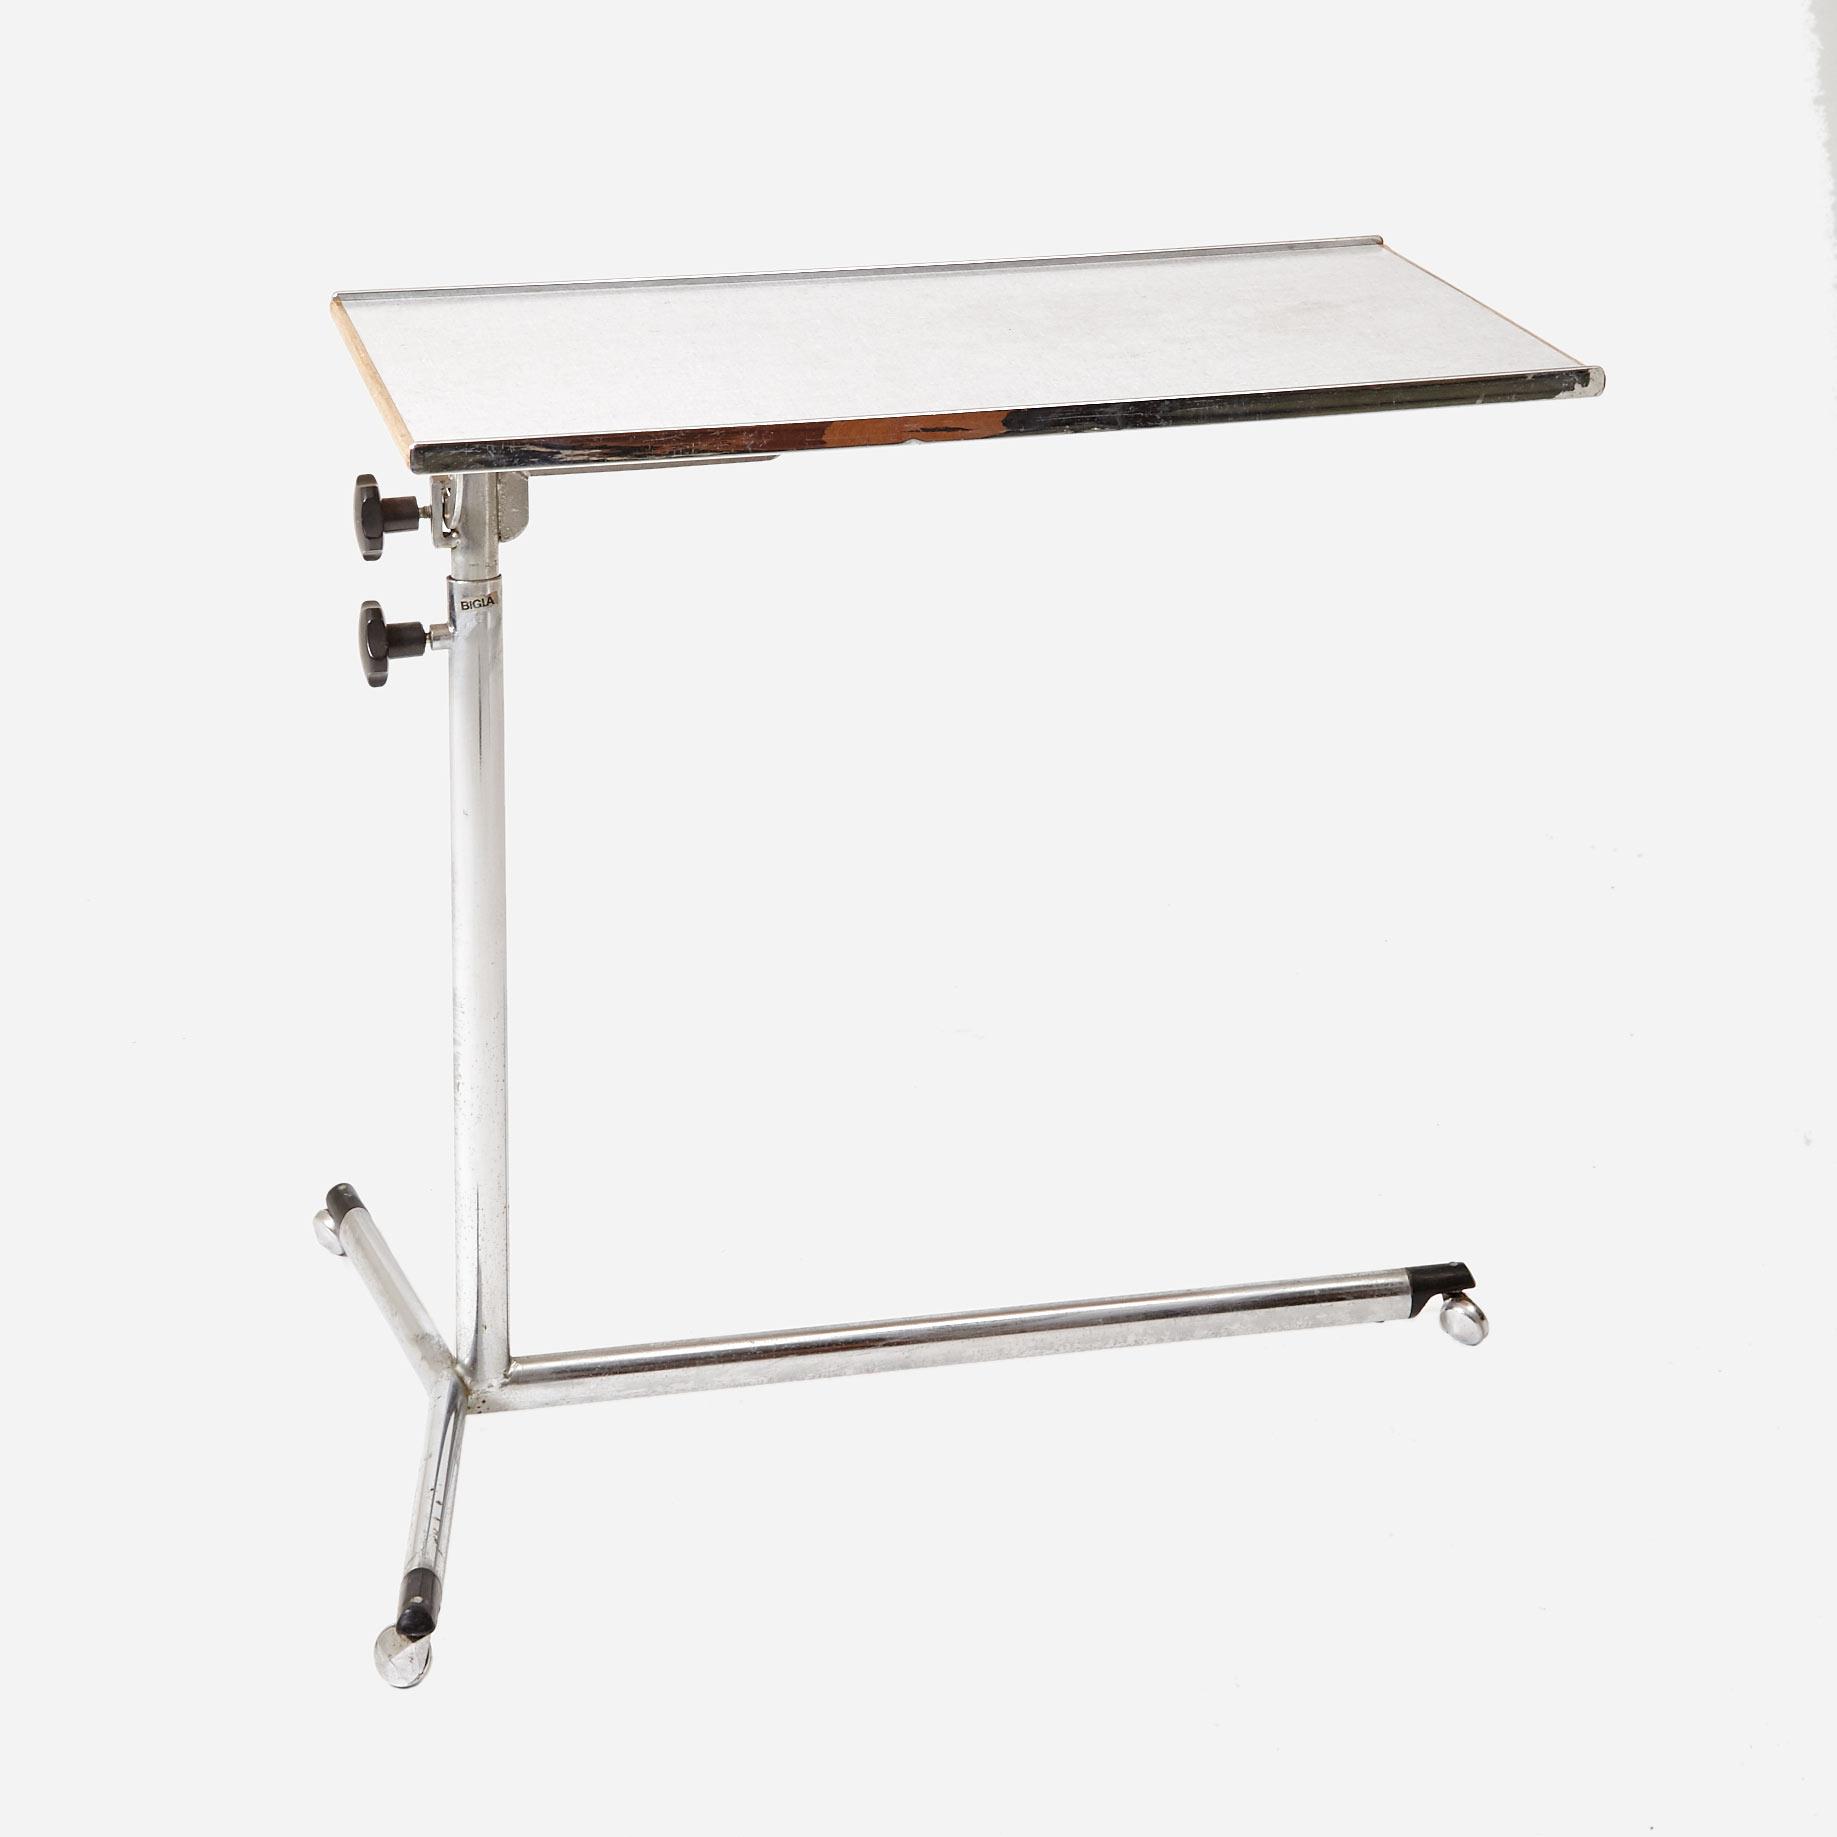 bigla beistelltisch h henverstellbar m bel z rich. Black Bedroom Furniture Sets. Home Design Ideas